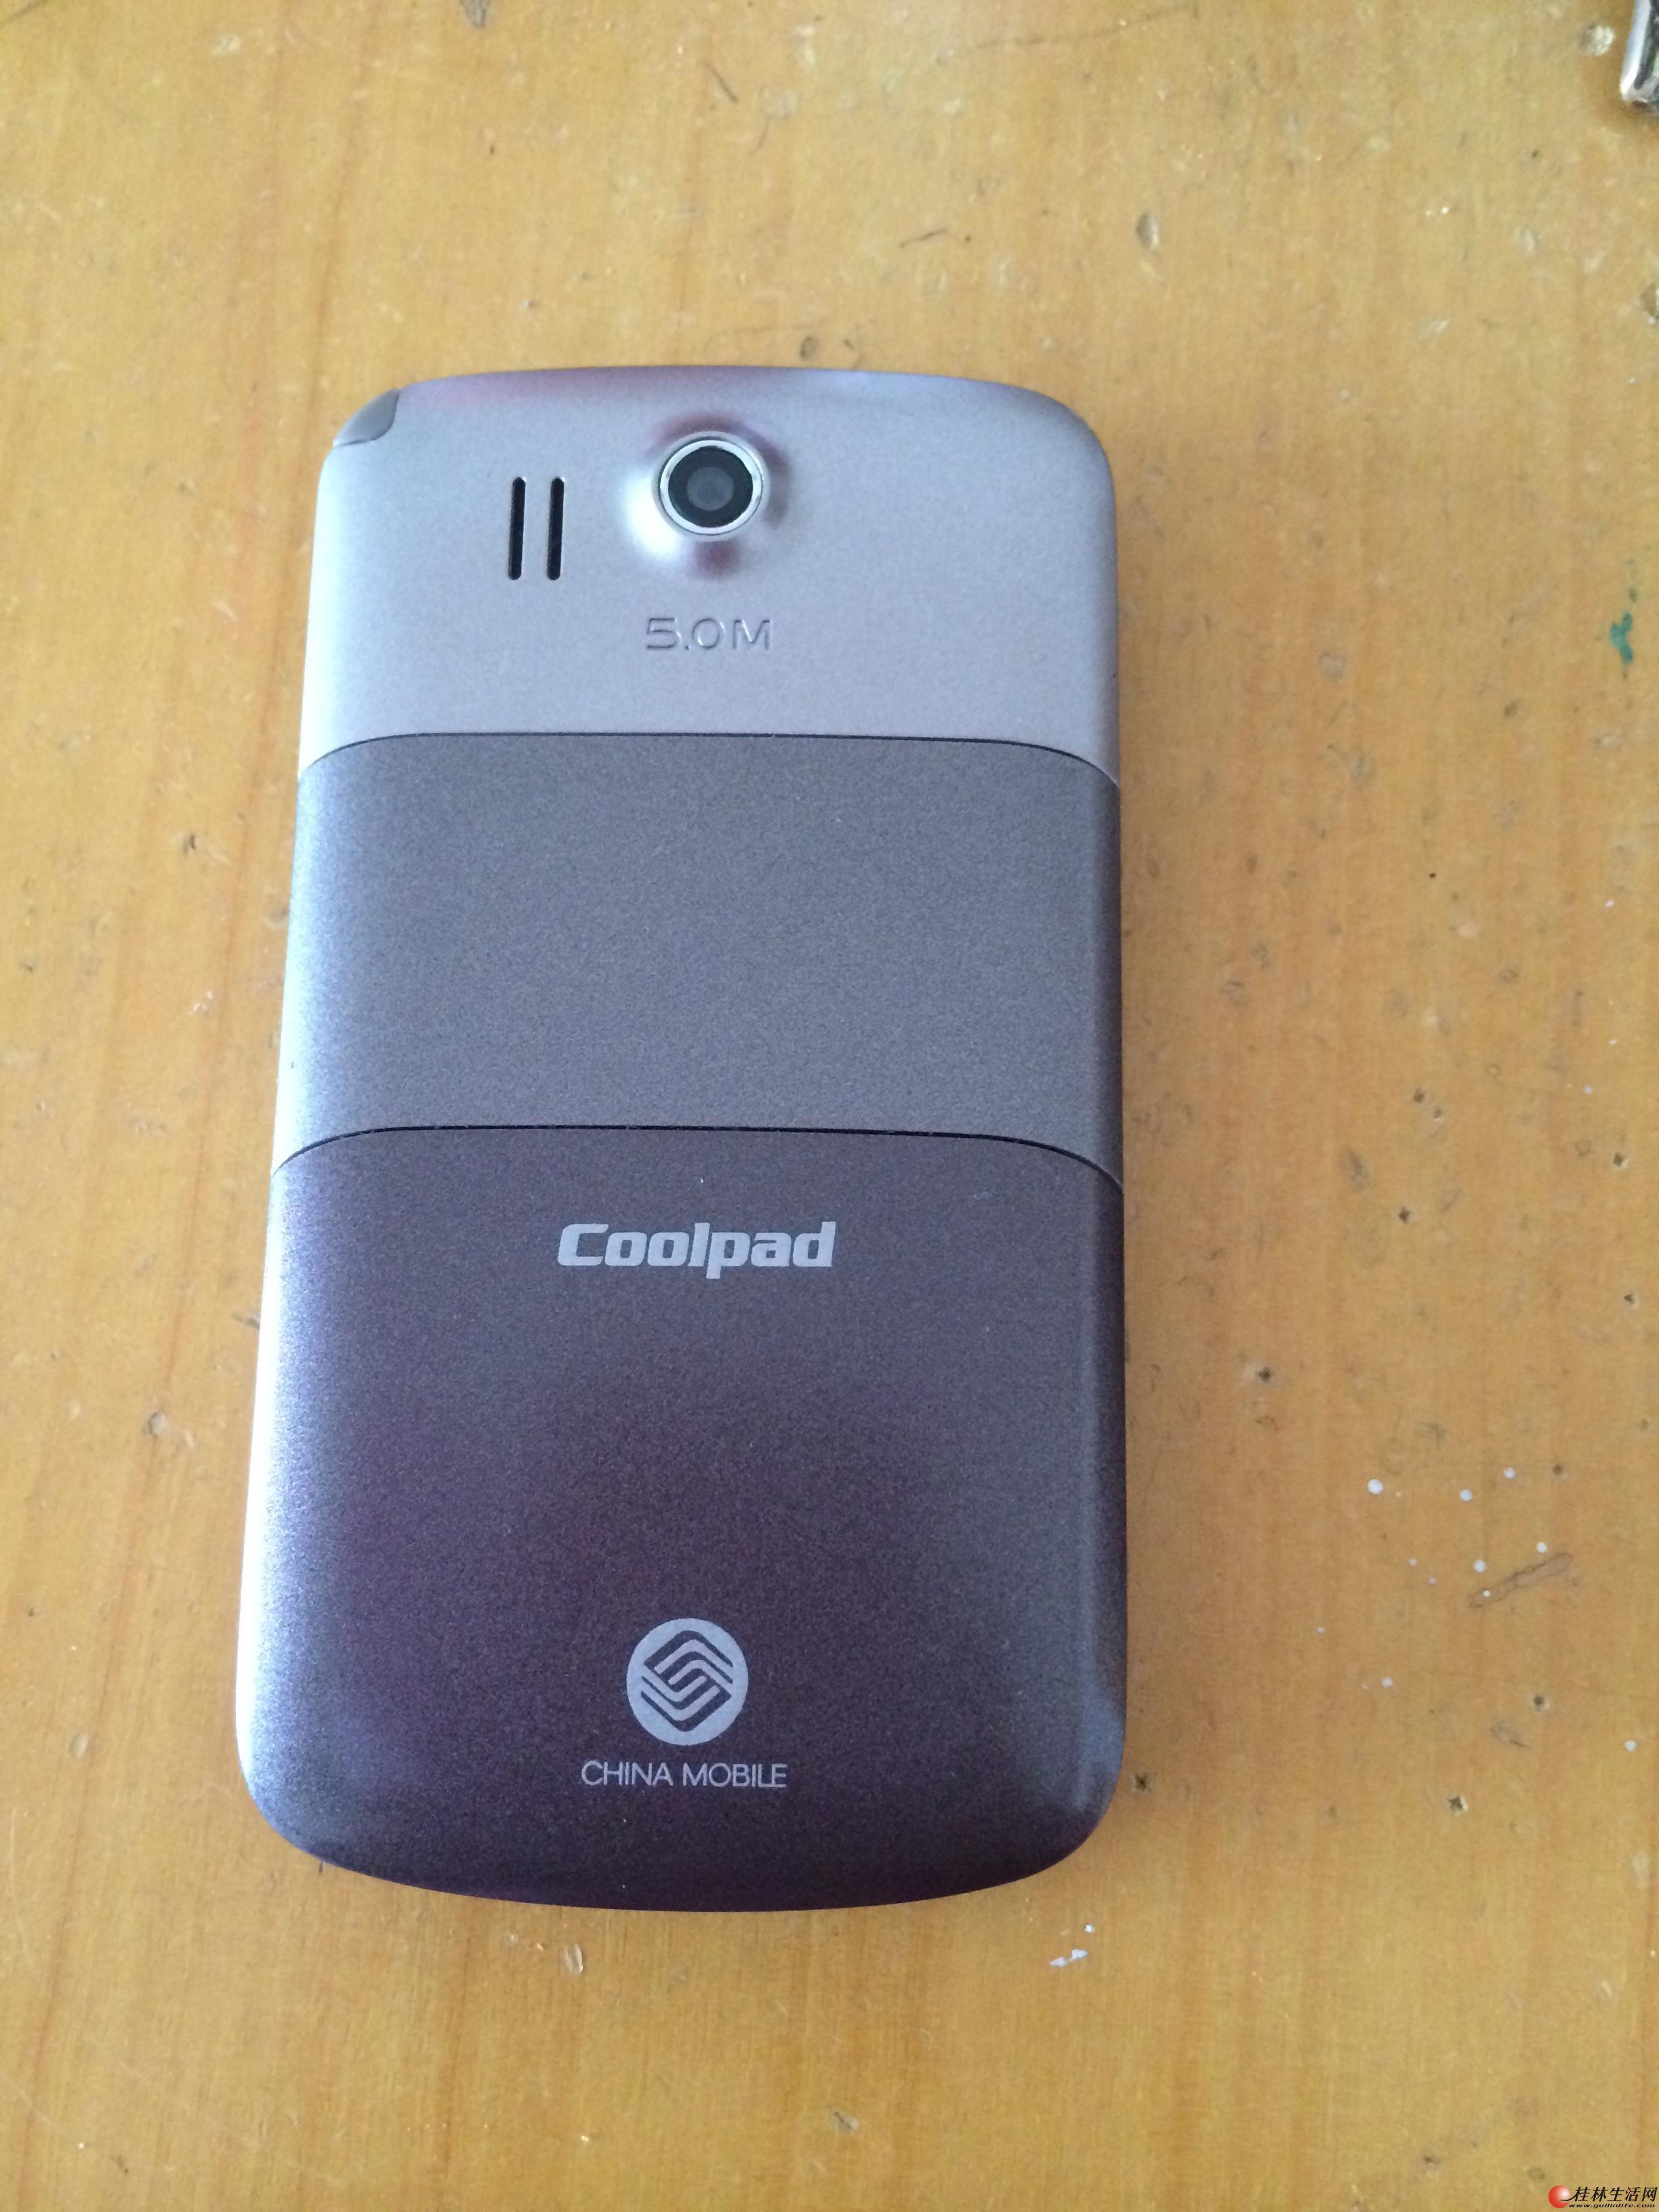 出售正版酷派手机 型号 coolpad8810高清图片